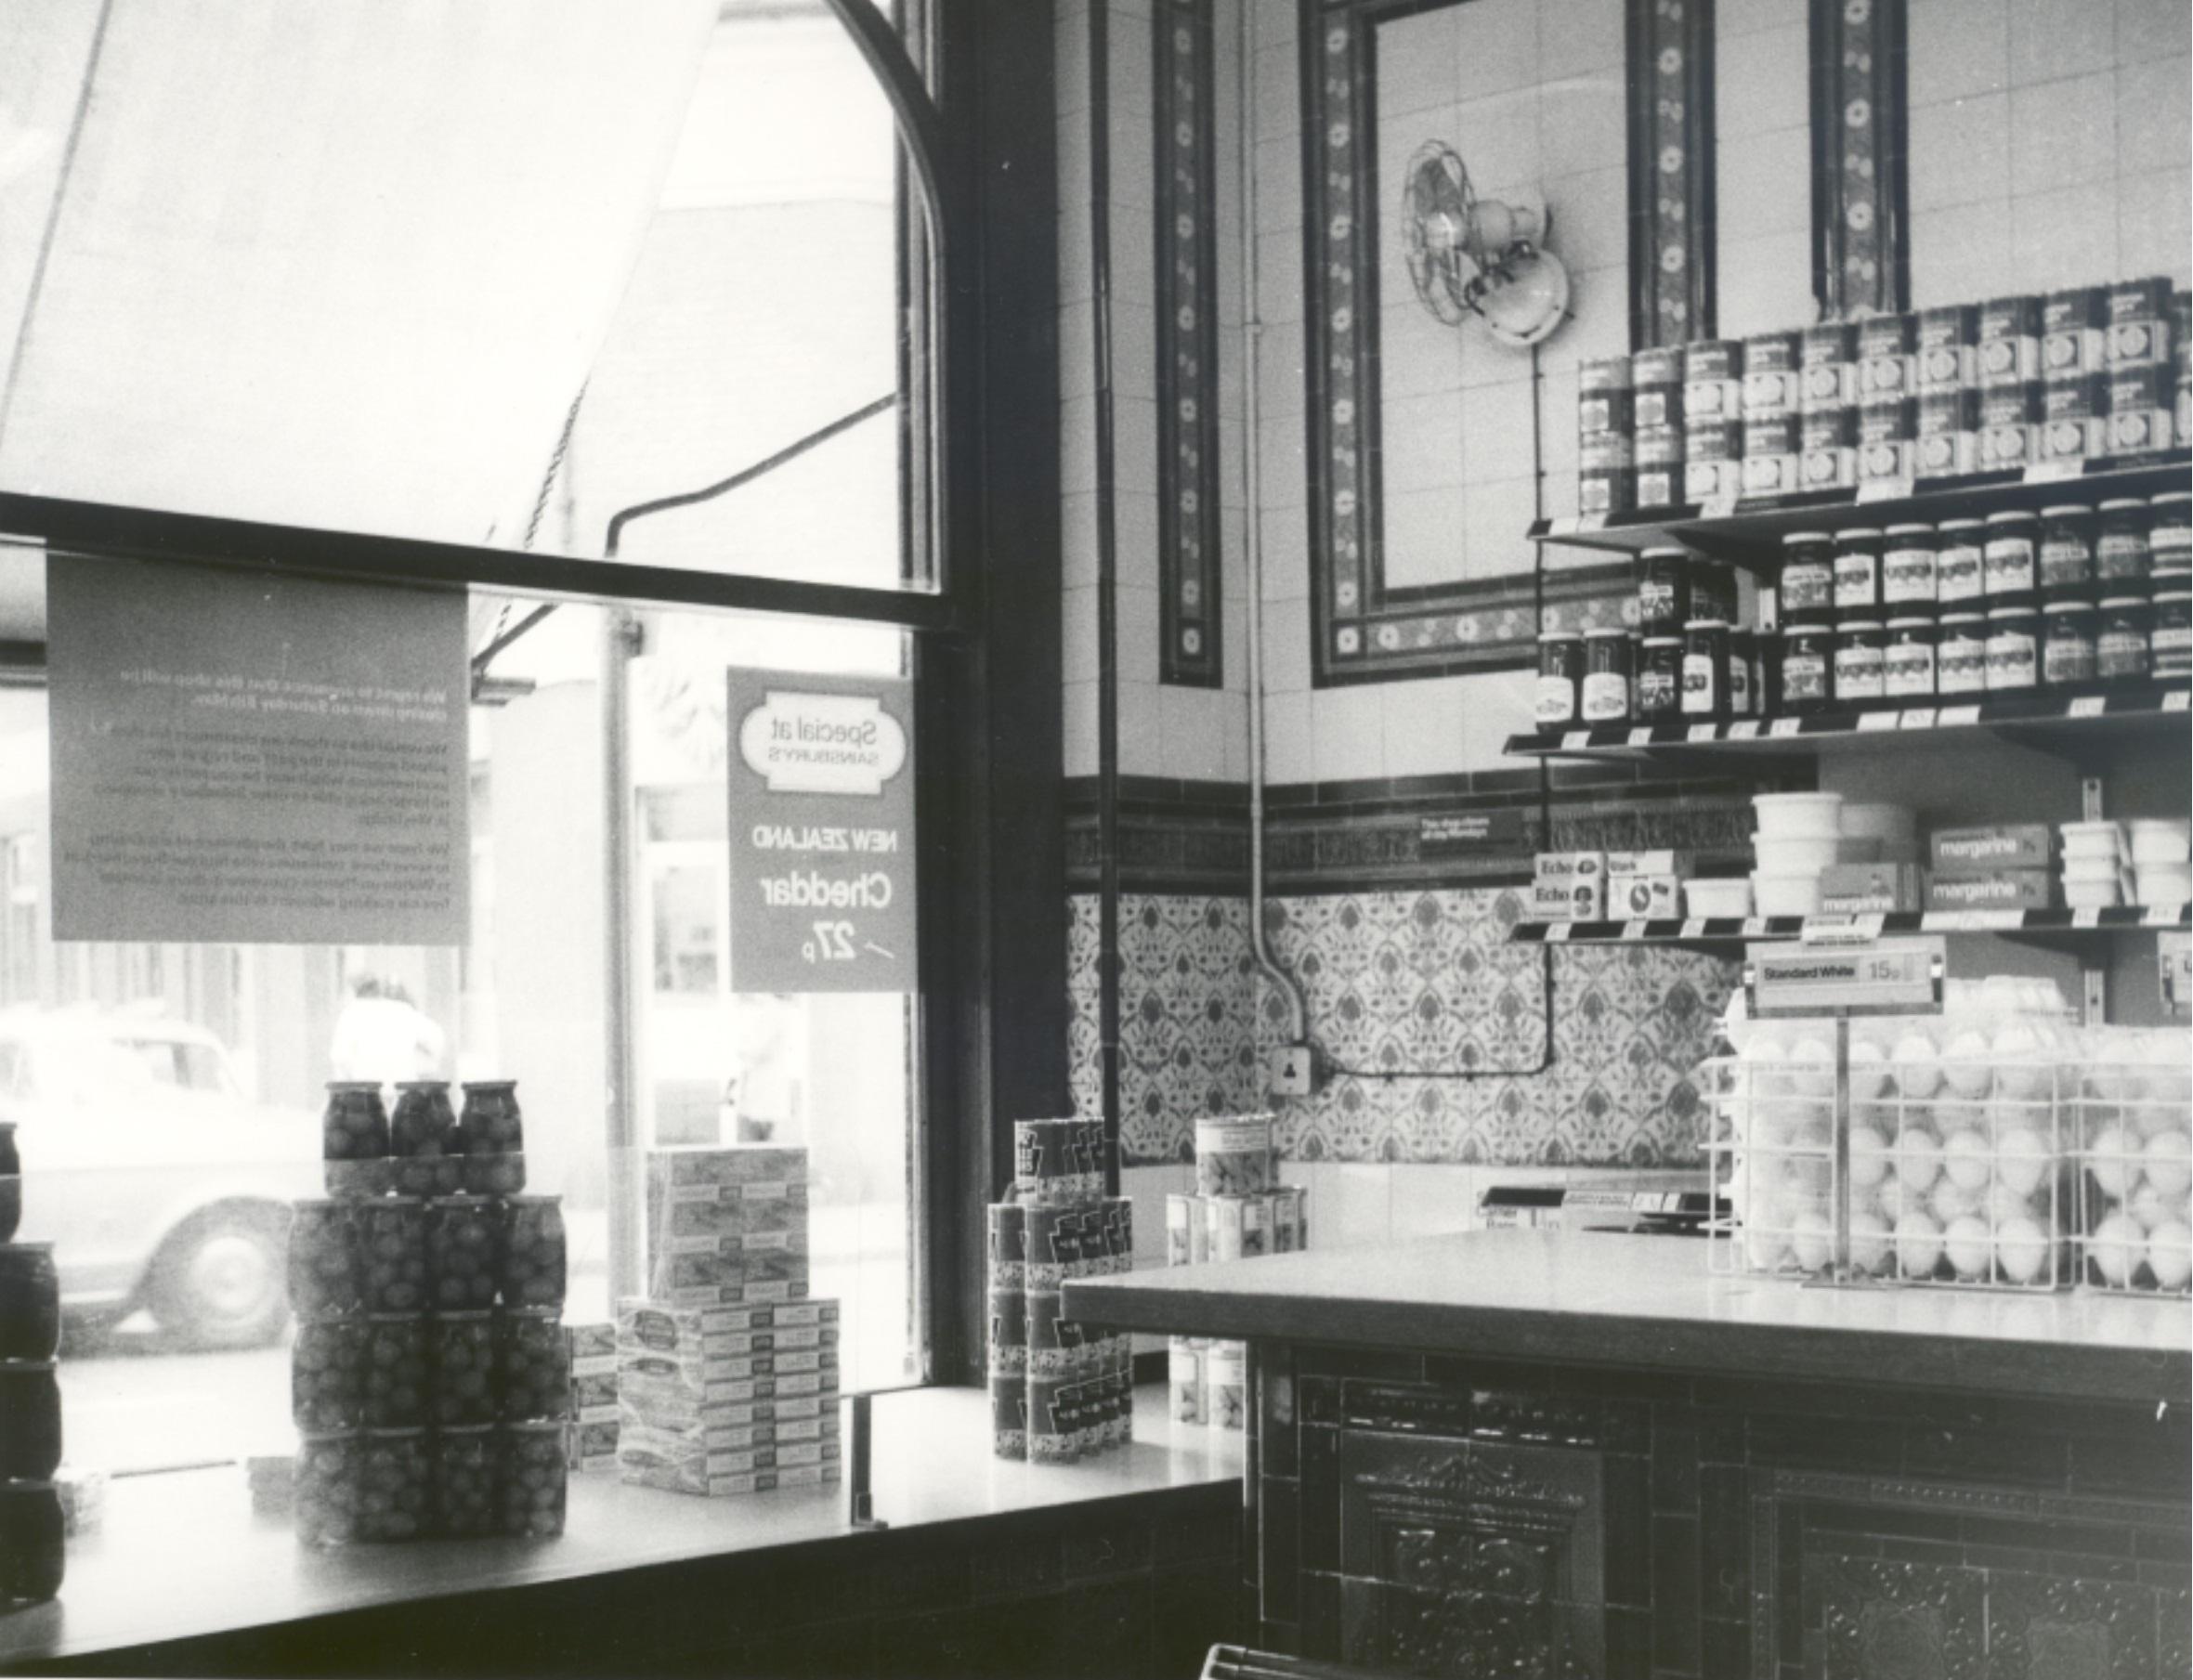 Inside Sainsbury's Weybridge, 1970. Embossed tiles can be seen on the walls.